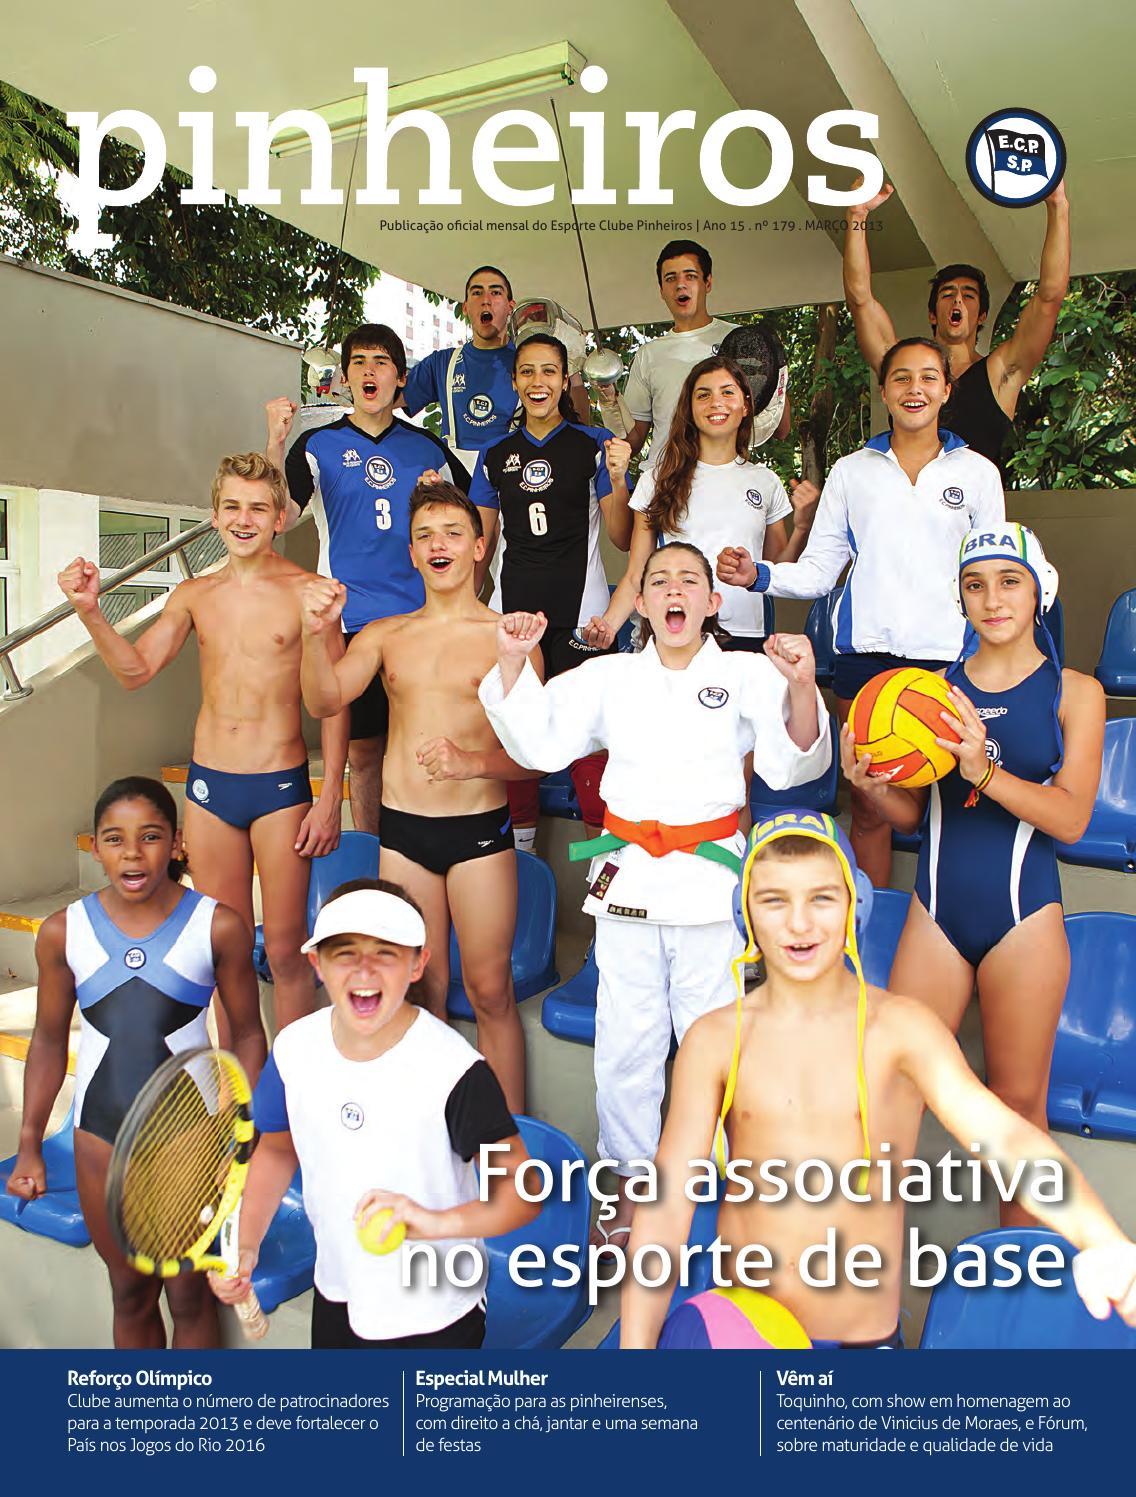 400c499ef Revista n°179 MAR 2013 by Esporte Clube Pinheiros - issuu